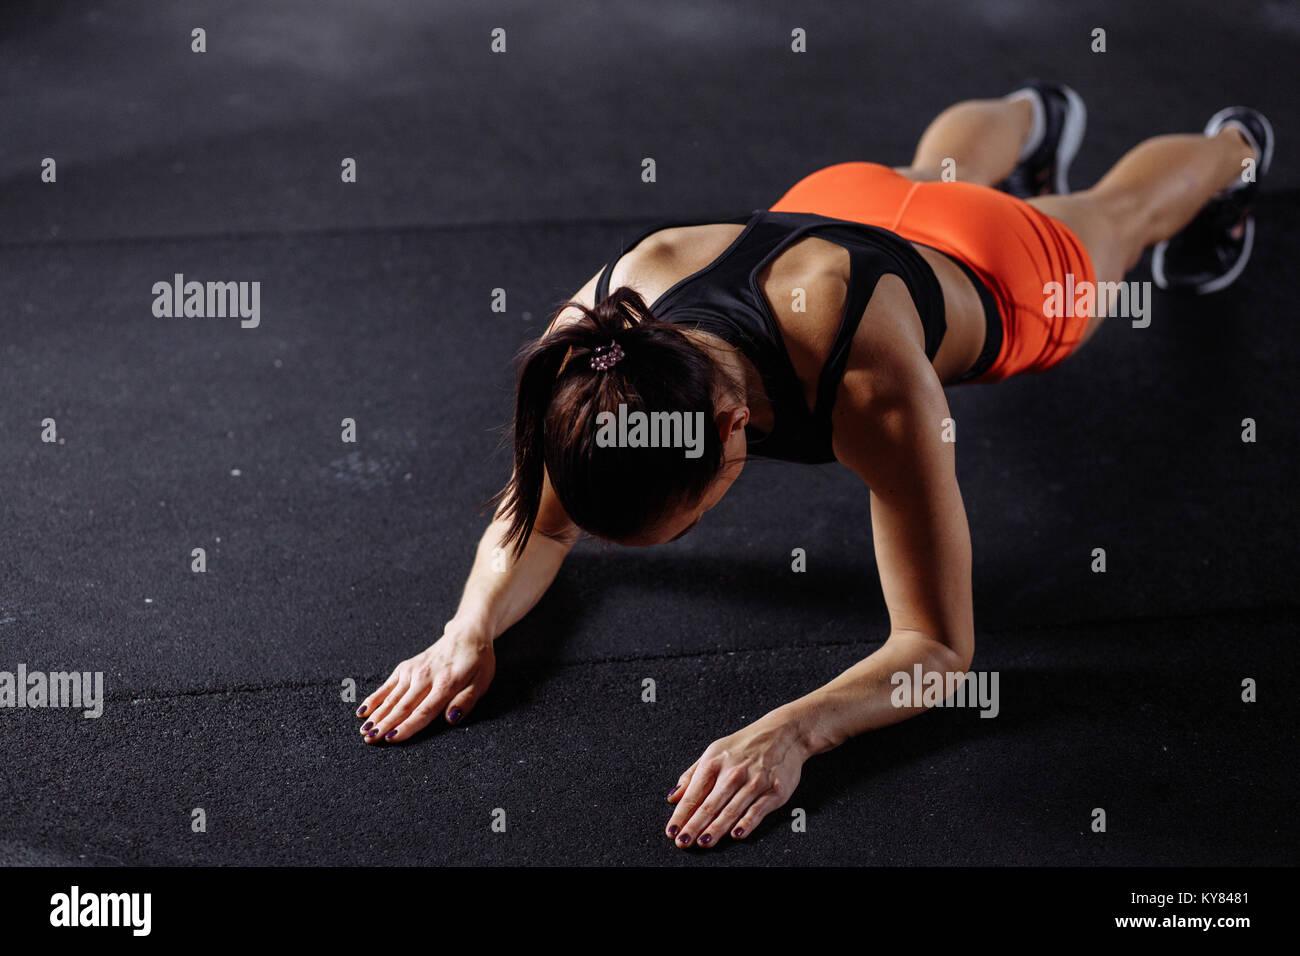 Bella mujer en ropa deportiva haciendo plank mientras trainnig at Cross fit gimnasio Imagen De Stock